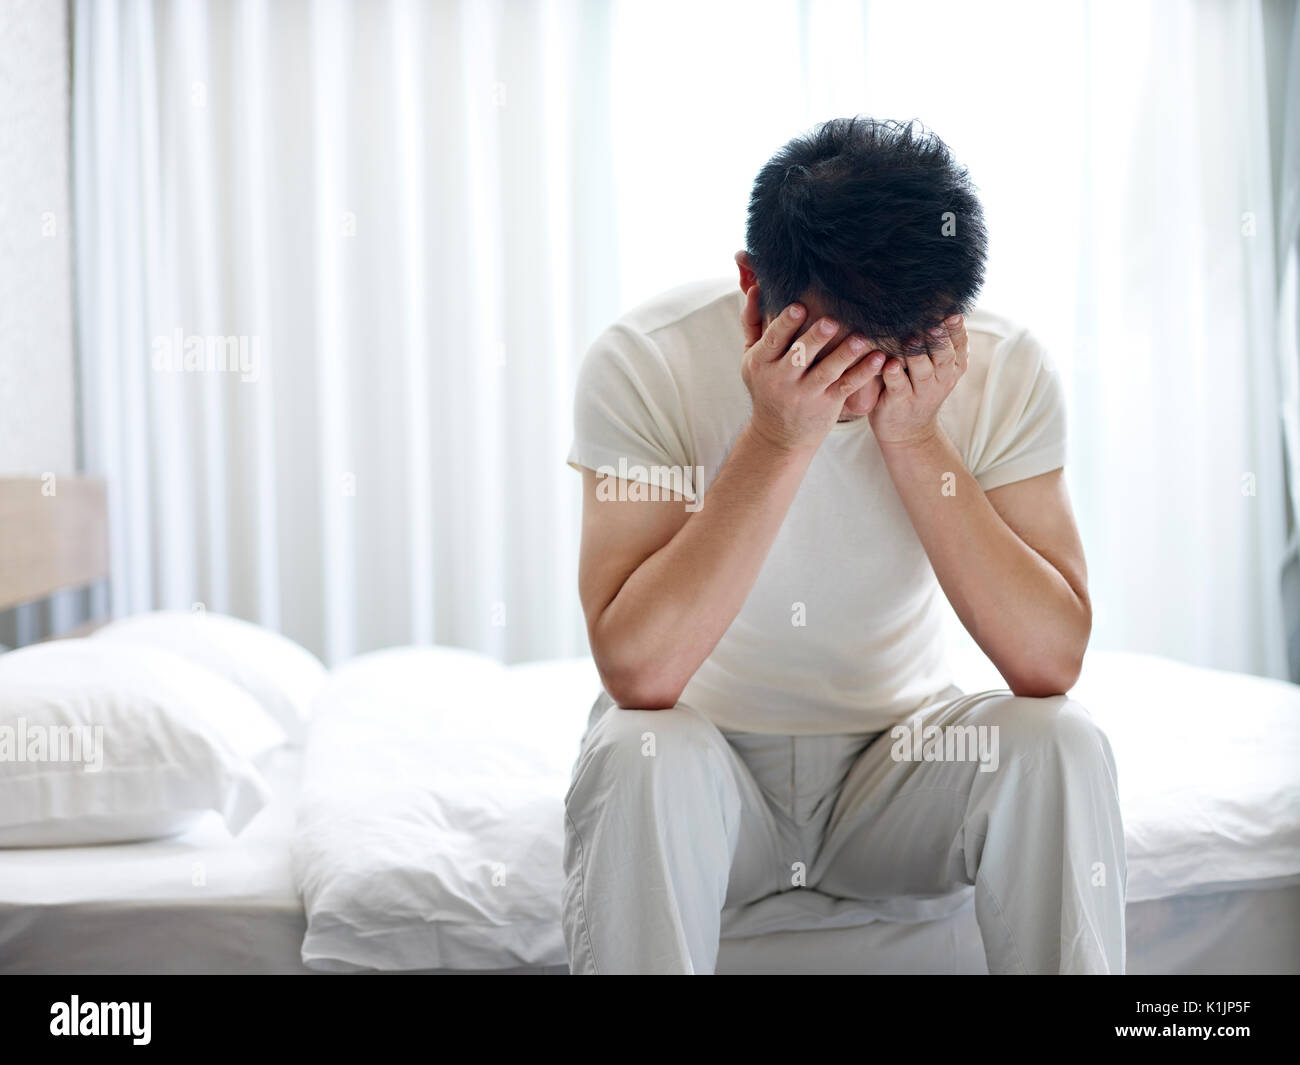 Hombre asiático padecen insomnio sentada en la cama con la cabeza hacia abajo cubriendo la cara con las manos. Imagen De Stock